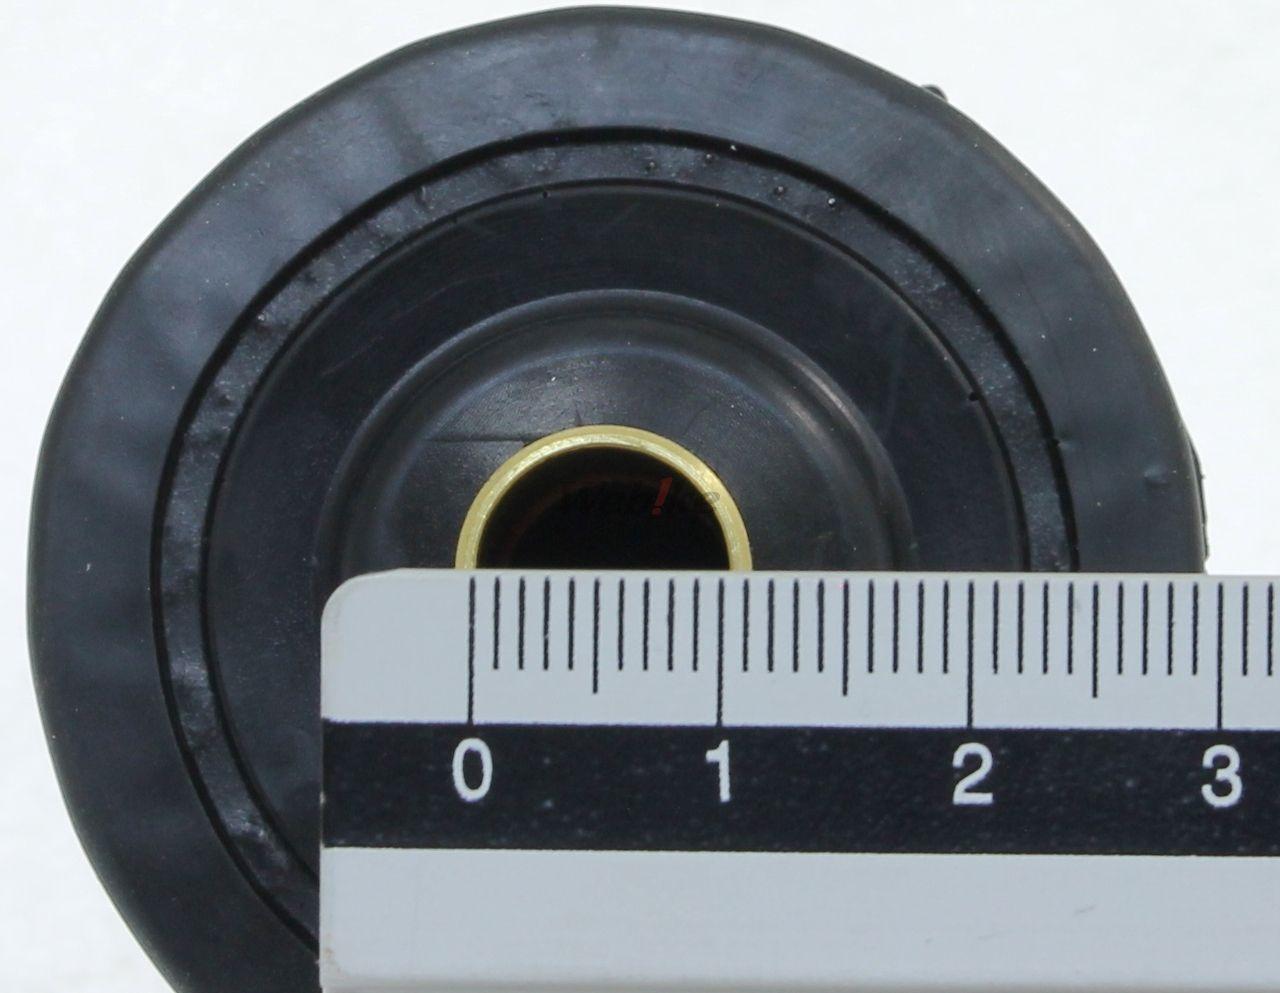 【POSH】小型高效能空氣濾芯 (曲軸箱通風專用) - 「Webike-摩托百貨」